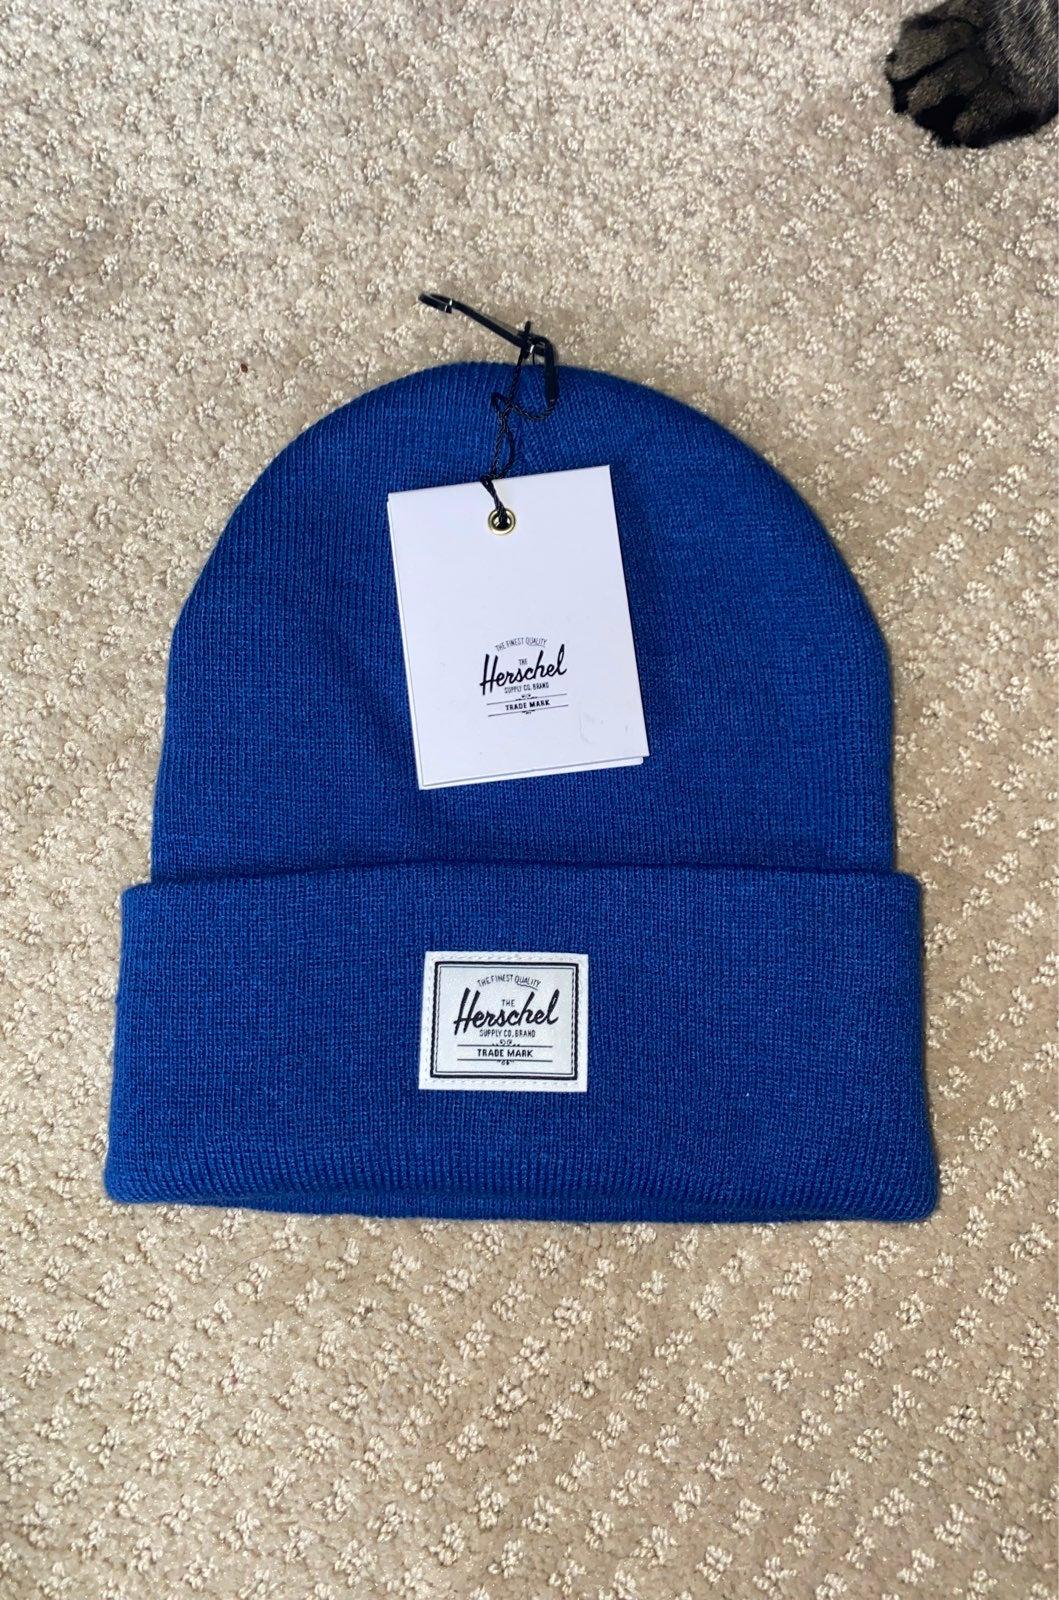 NWT Herschel Supply Co blue beanie